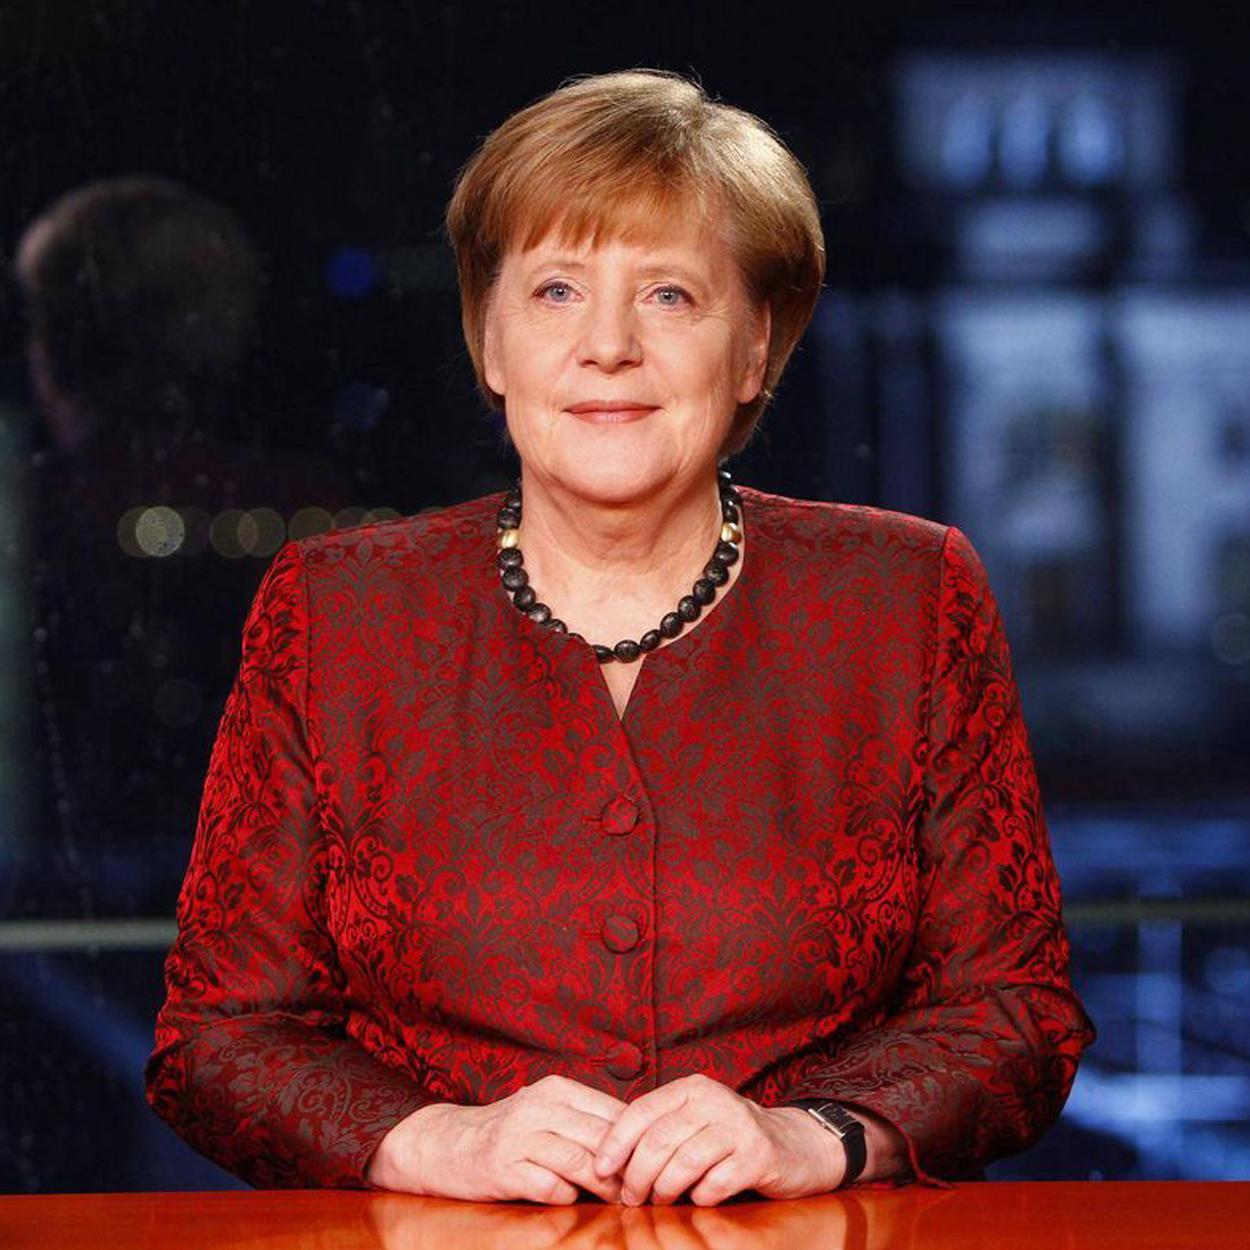 Angela Merkel é uma das políticas mais influentes do mundo de acordo com a Times